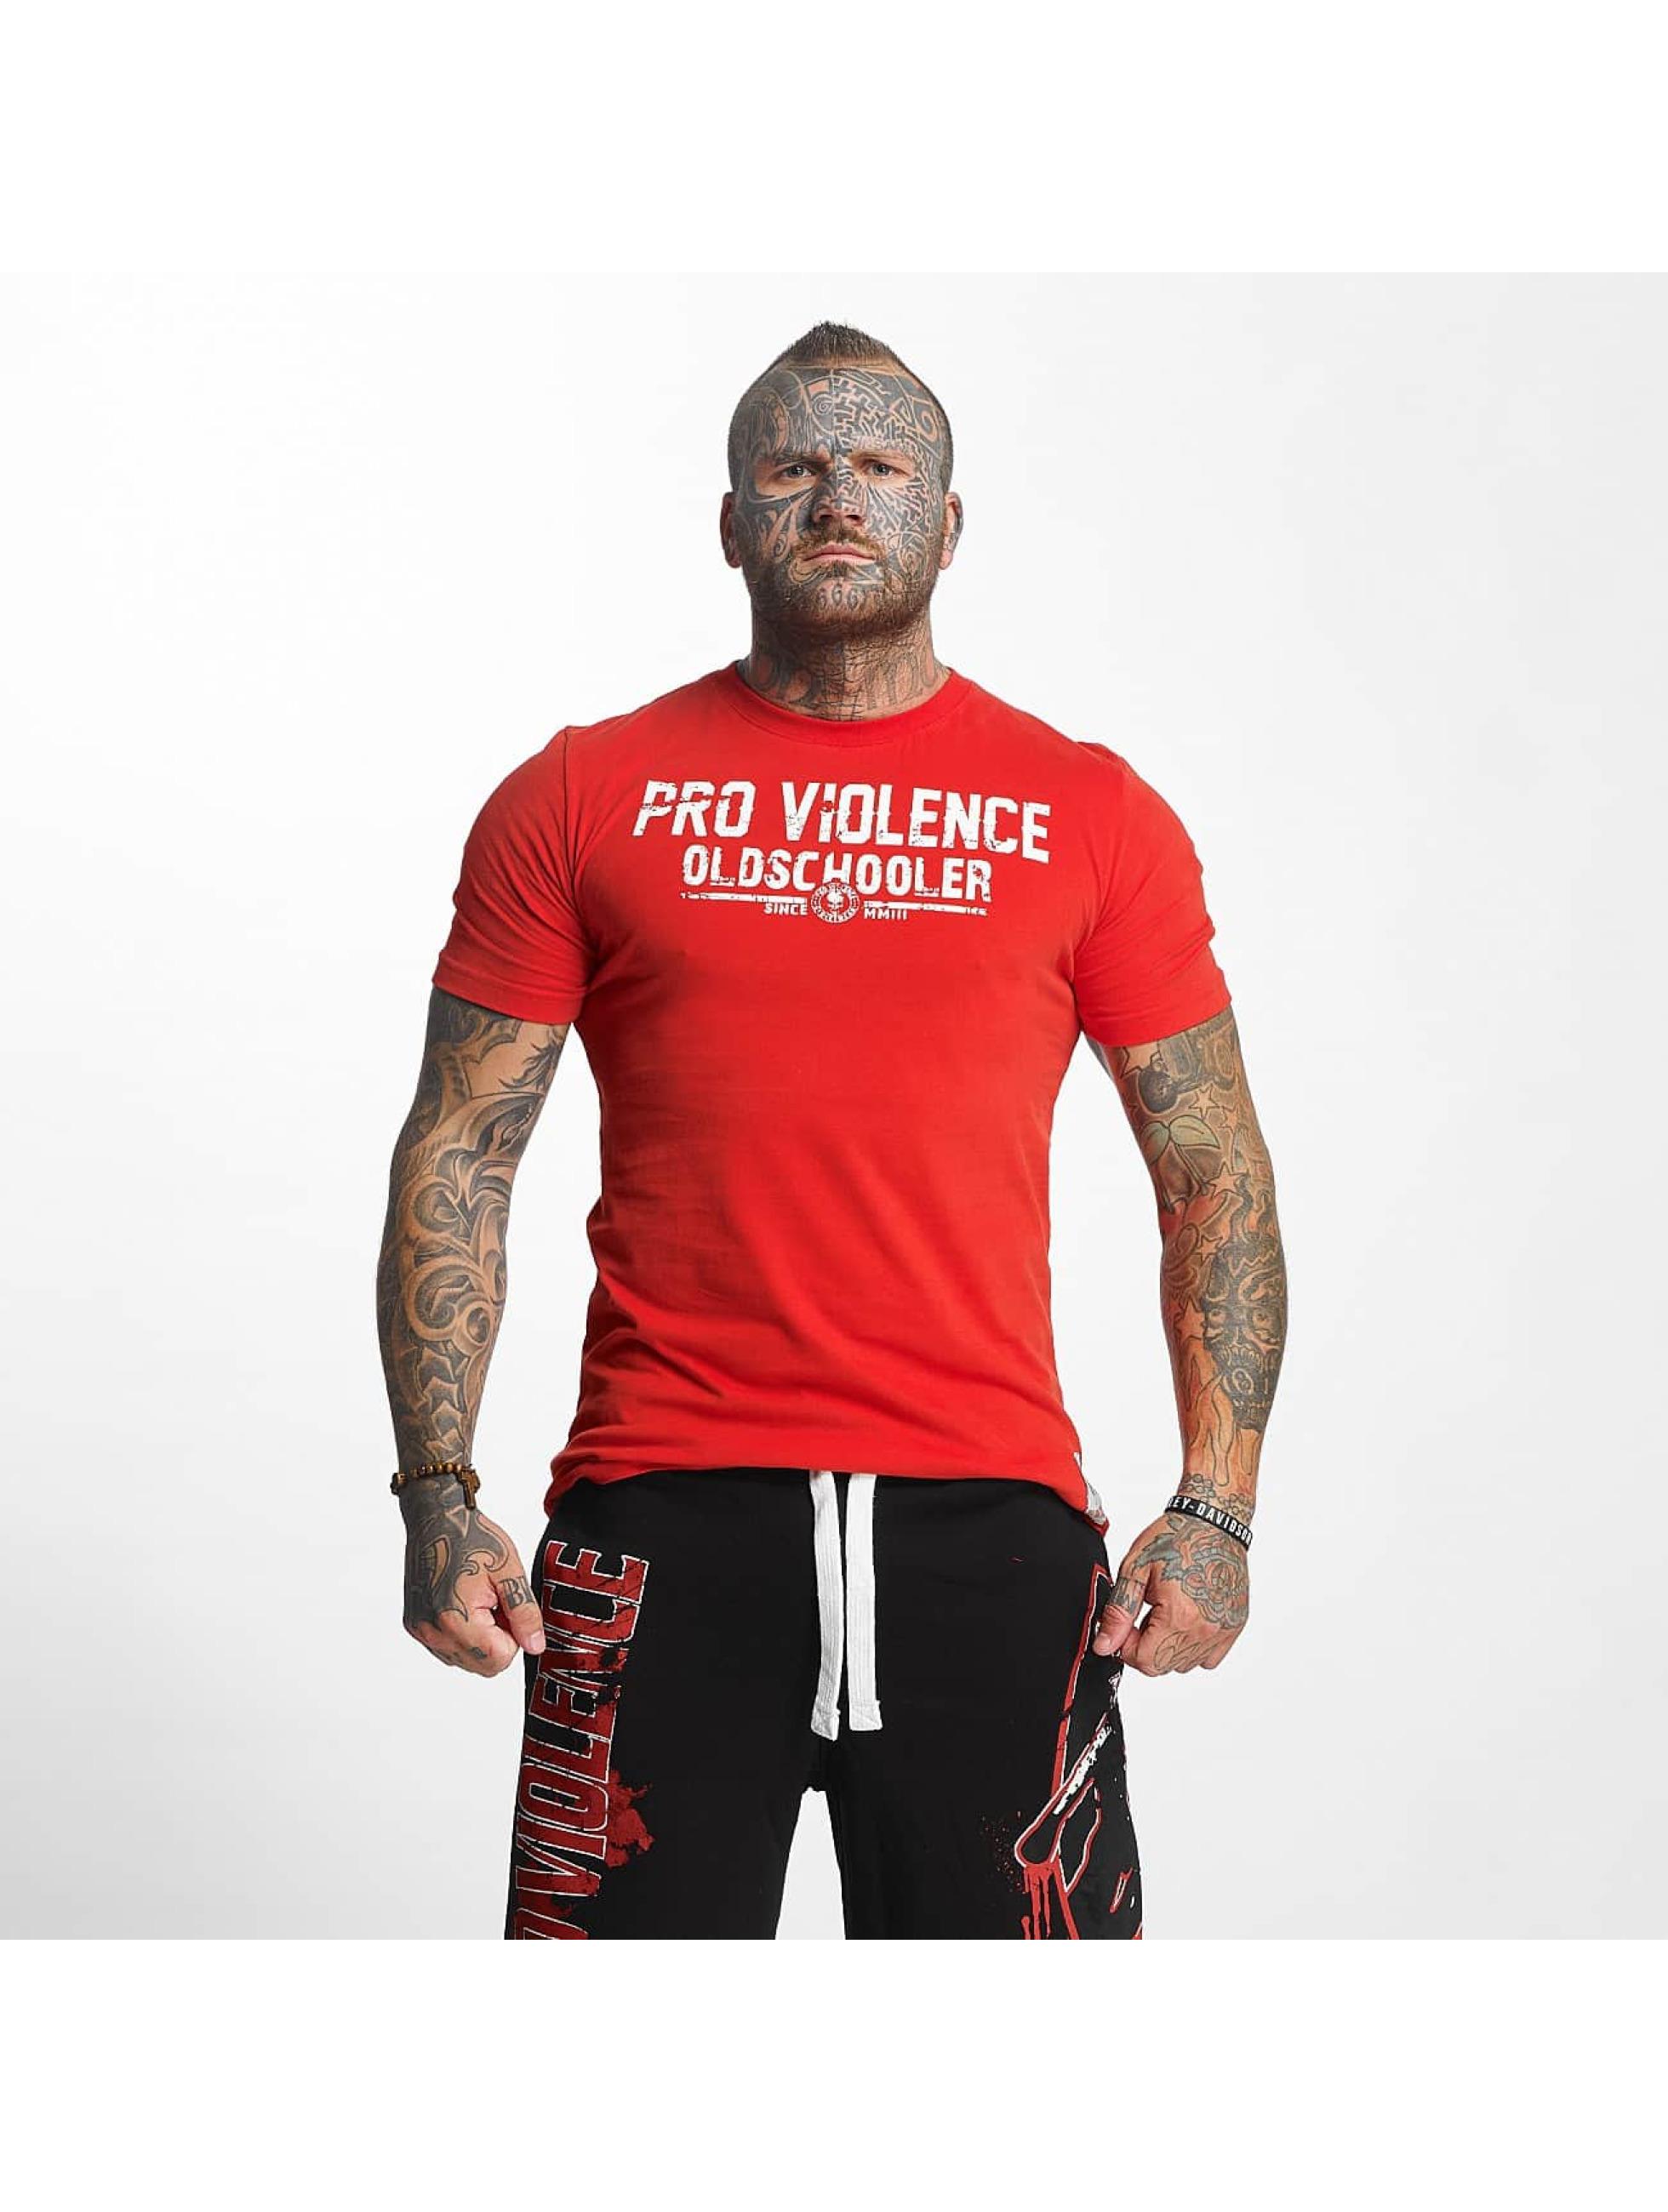 Pro Violence Streetwear Männer T-Shirt Oldschool Hardknocker in rot